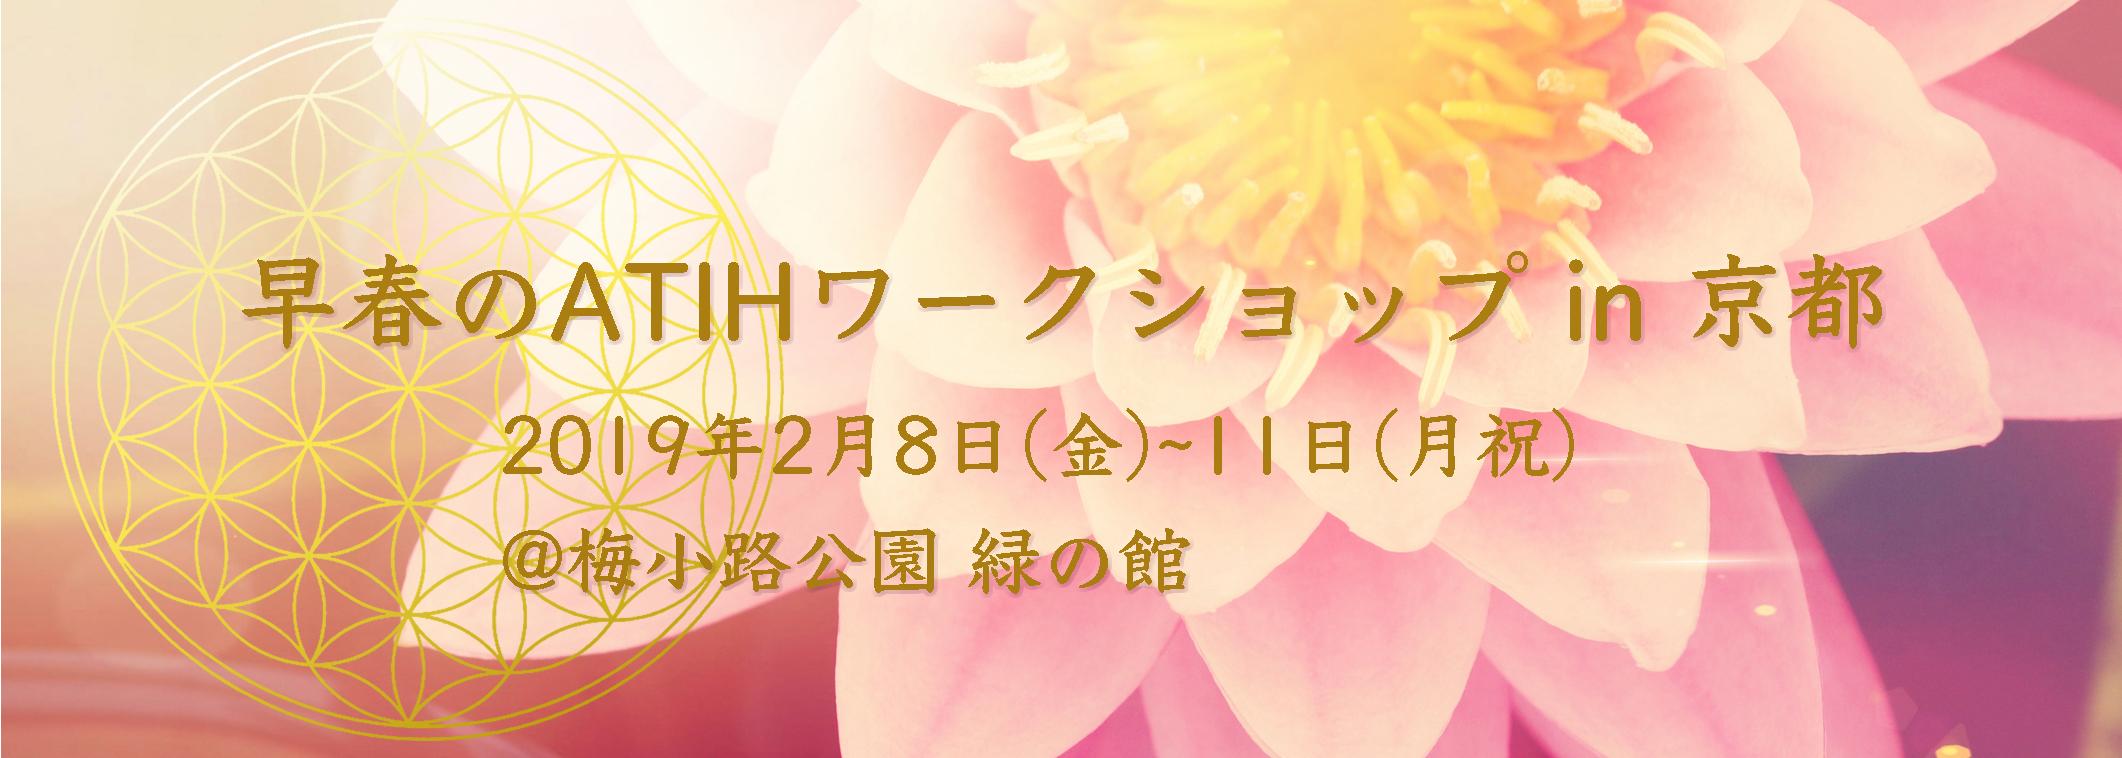 2019年早春のATIHワークショップ in 京都